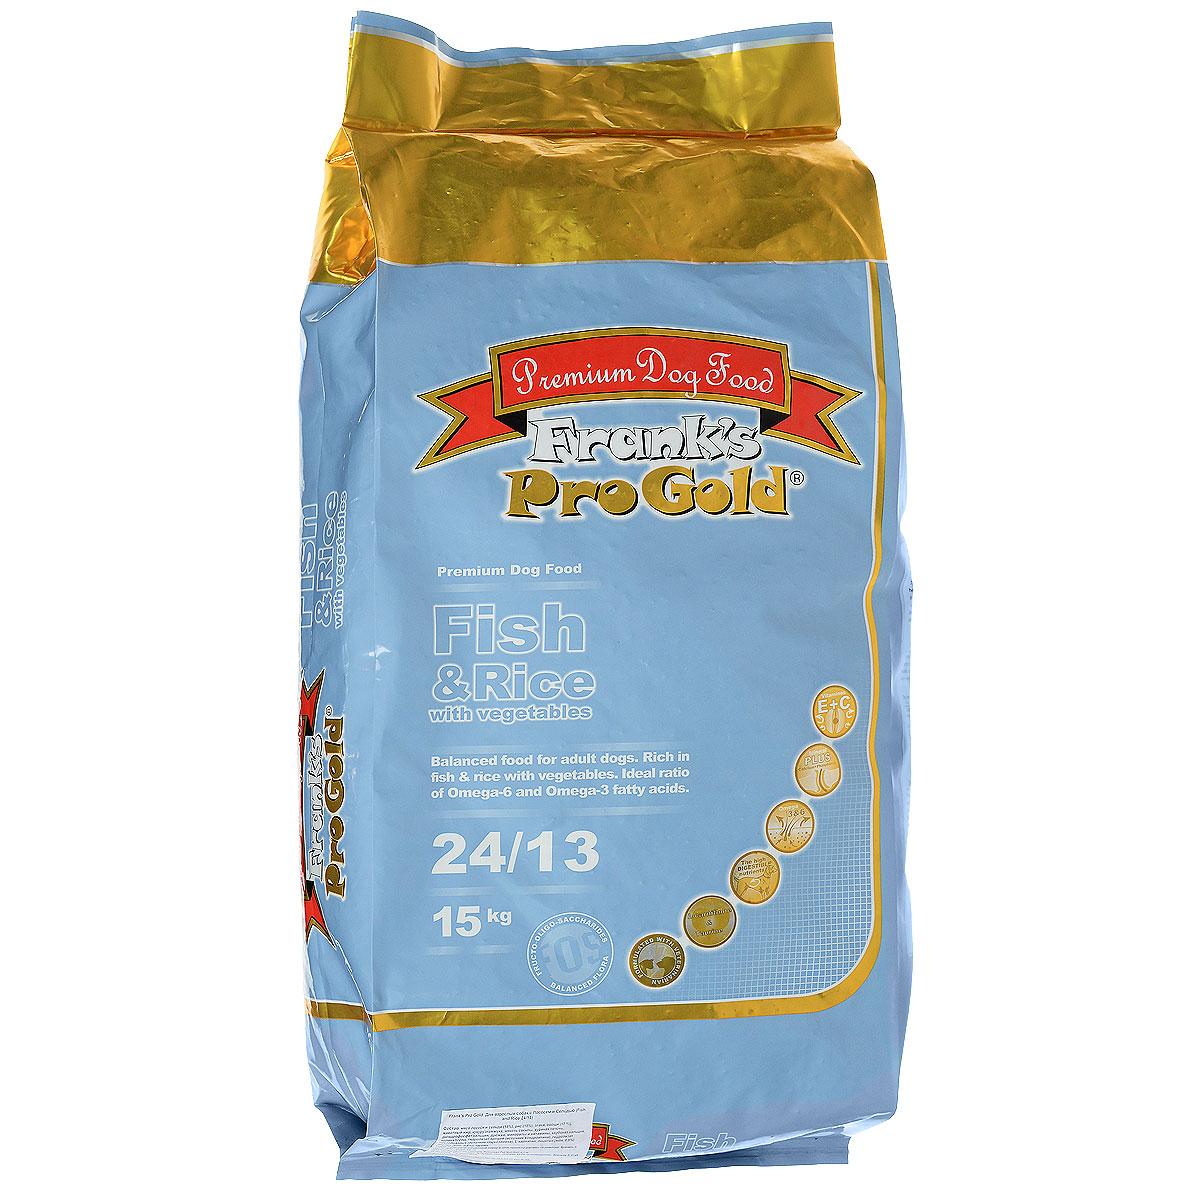 Корм сухой Franks ProGold для взрослых собак, с лососем и сельдью, 15 кг17914Корм сухой Franks ProGold содержит легкоусваиваемое мясо рыбы высшего качества (сельдь и лосось), а также рис и овощи, что идеально подходит для собак с чувствительным пищеварением, страдающих аллергией или проблемной кожей. Сочетание рыбы и овощей, а также жирных кислот Омега 6 и Омега 3 оказывает благоприятное влияние на шерсть и кожу вашей собаки. Корм содержит L-карнитин и таурин, что позволит поддерживать форму, развивать мускулатуру и работу сердца. Инулин принадлежит к группе добавок называемой фруктоолигосахаридами, которые улучшают работу кишечника, поддерживая количество нужных бактерий. Источник хлоротодина и аминоглюкозы укрепляет кости, суставы и хрящи. Не содержит пшеницы, соевых добавок, ГМО. Состав: мясо лосося и сельди (18%), рис (18%), маис и овощи (17%), животные жиры, кукурузная мука, свекла, куриная печень, дигидрофосфат кальция, дрожжи, минералы и витамины, карбонат кальция, холинхлорид, гидролизат хрящей (источник хондроитина), гидролизат...